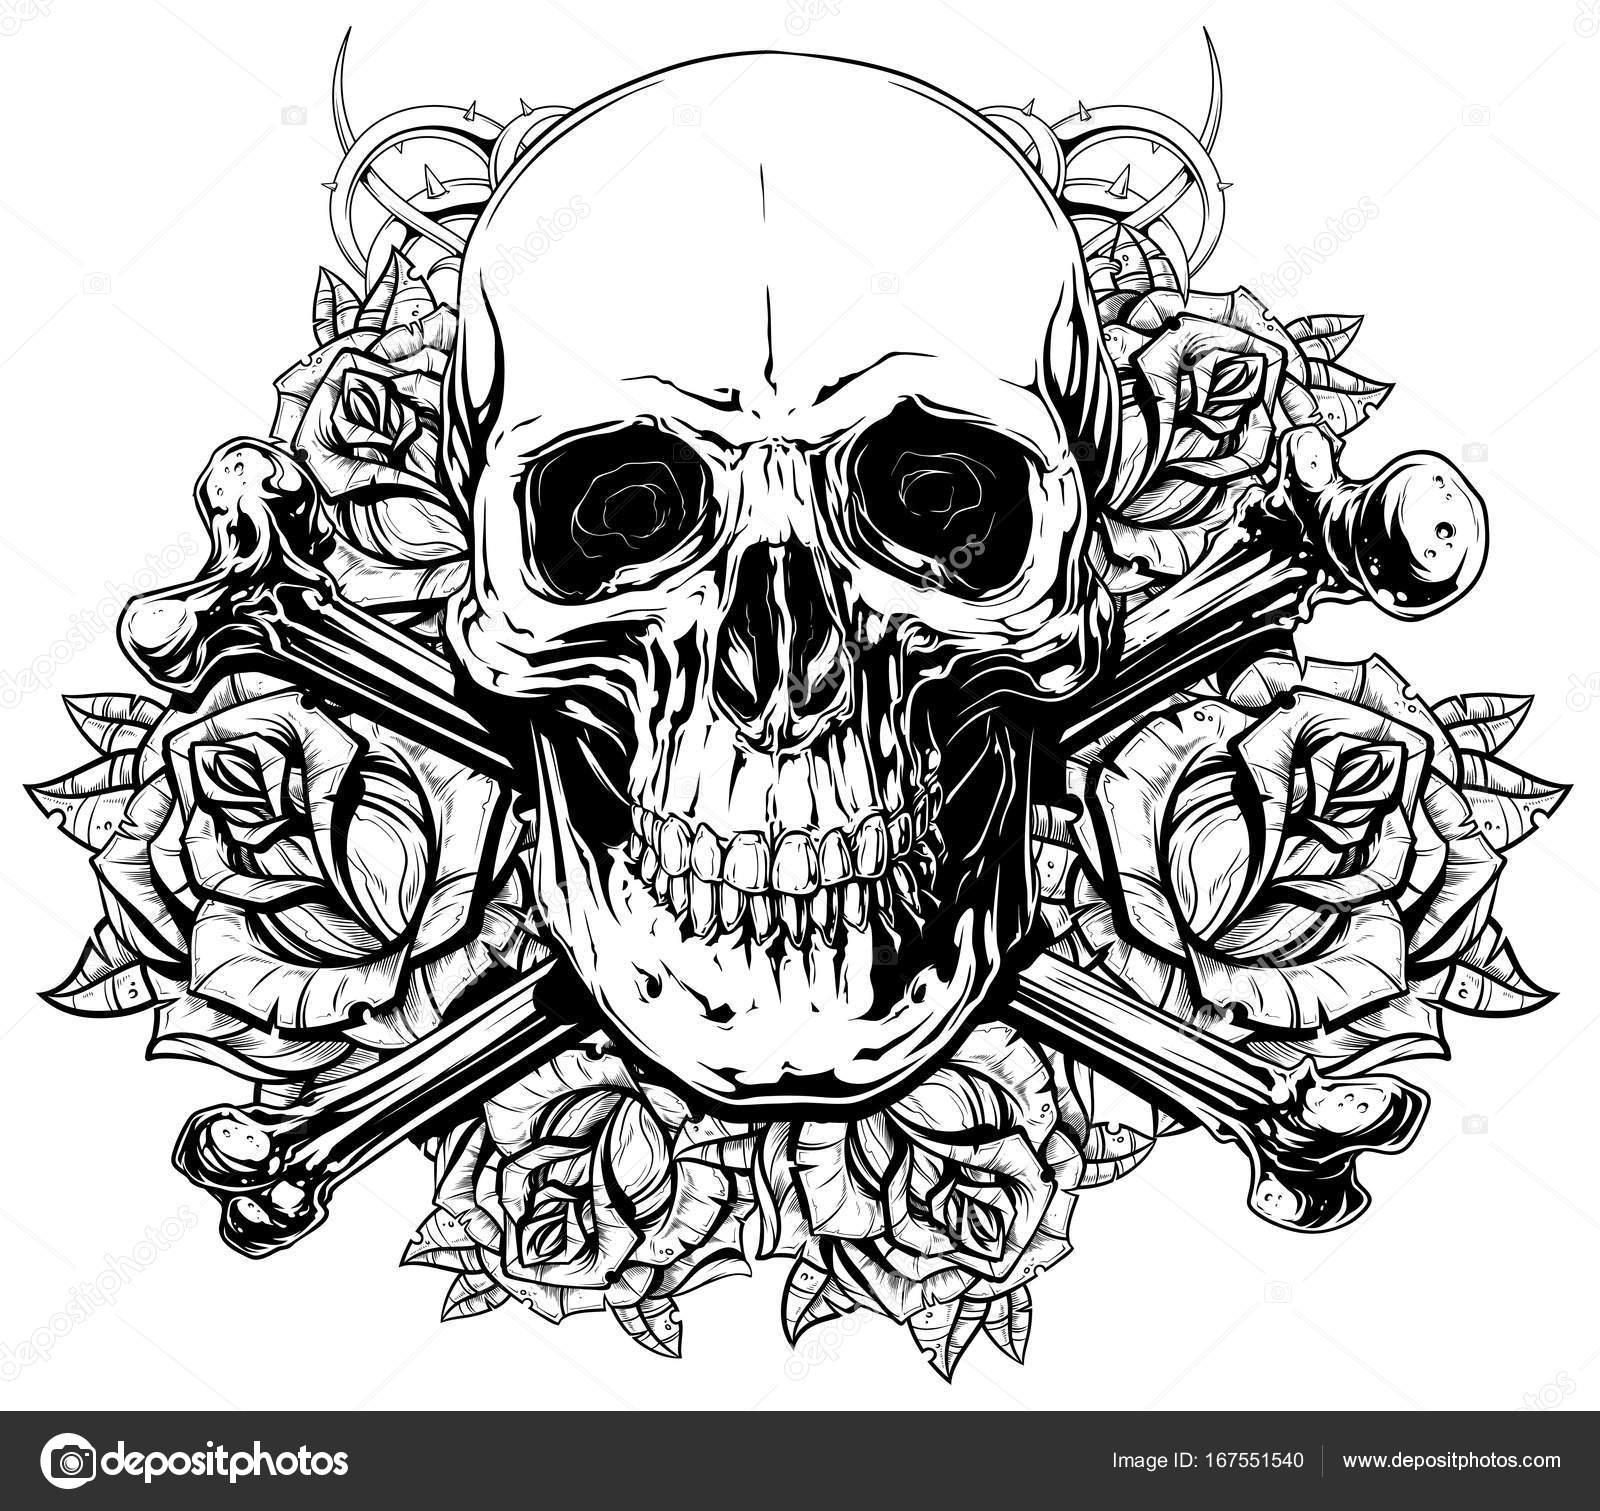 Gráfico humano cráneo con huesos cruzados y rosas — Archivo Imágenes ...